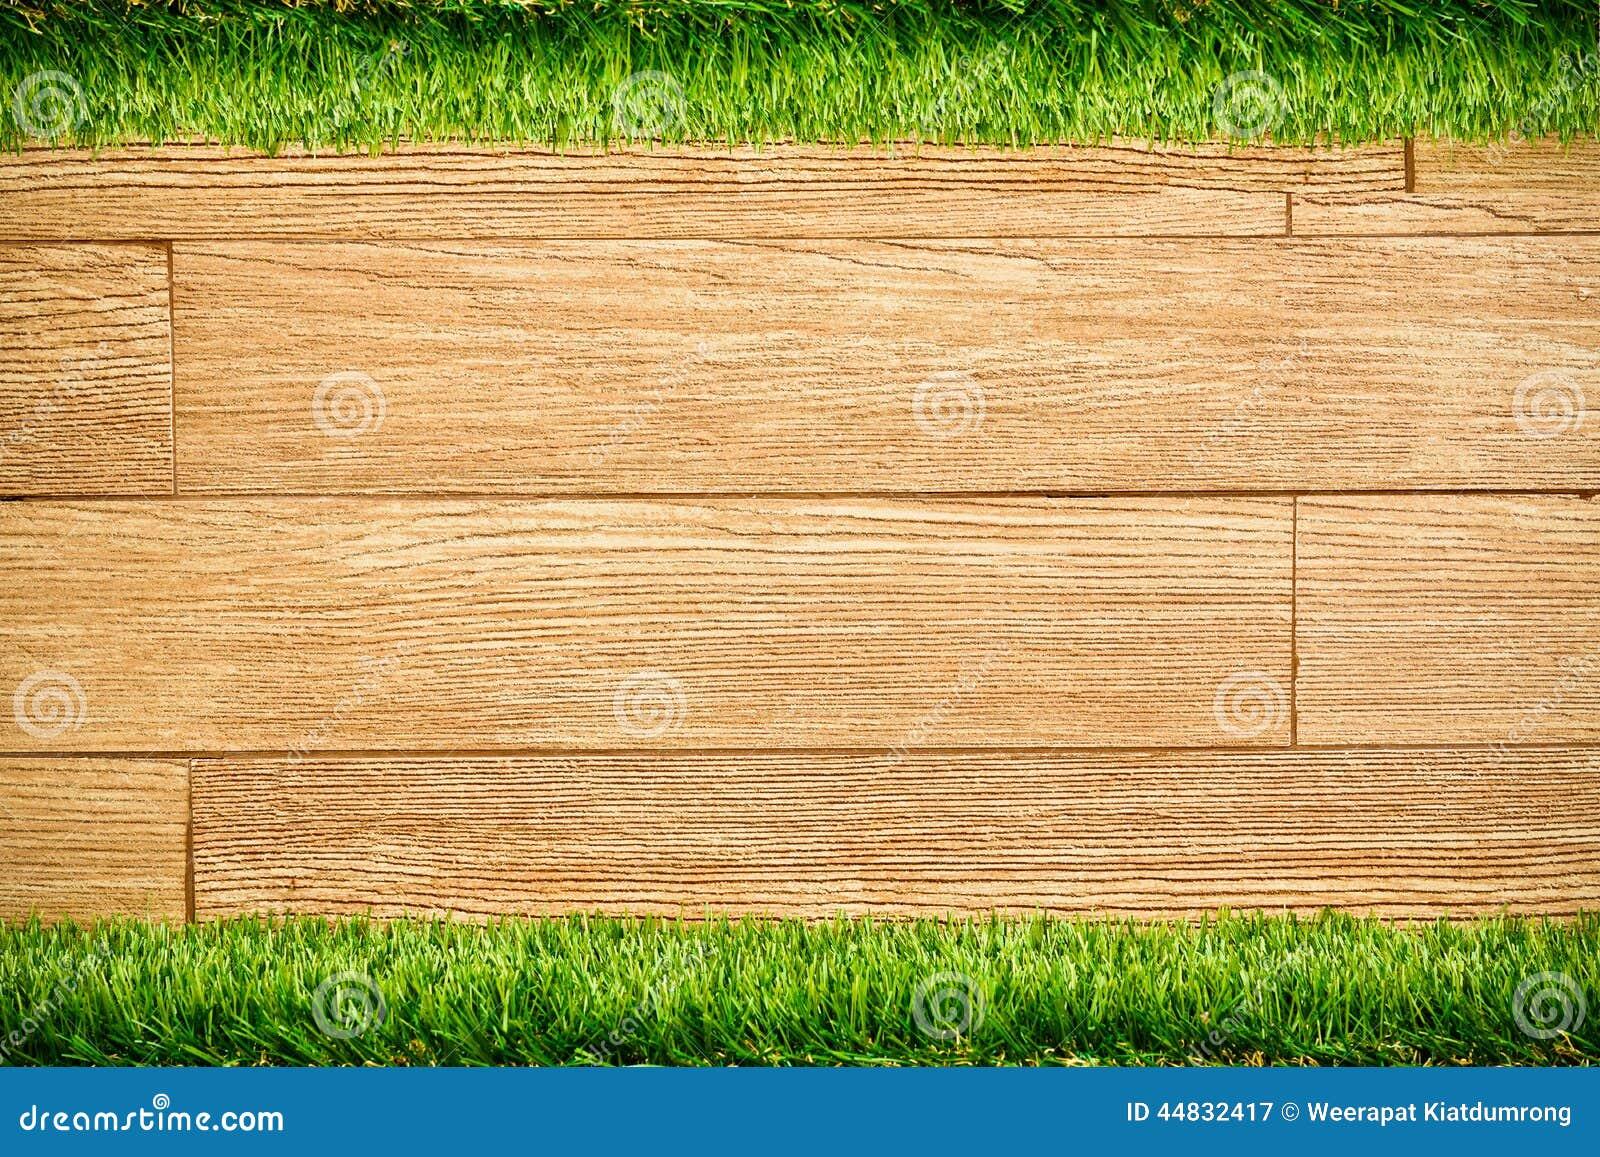 mur en bois de planche avec l 39 herbe image stock image 44832417. Black Bedroom Furniture Sets. Home Design Ideas